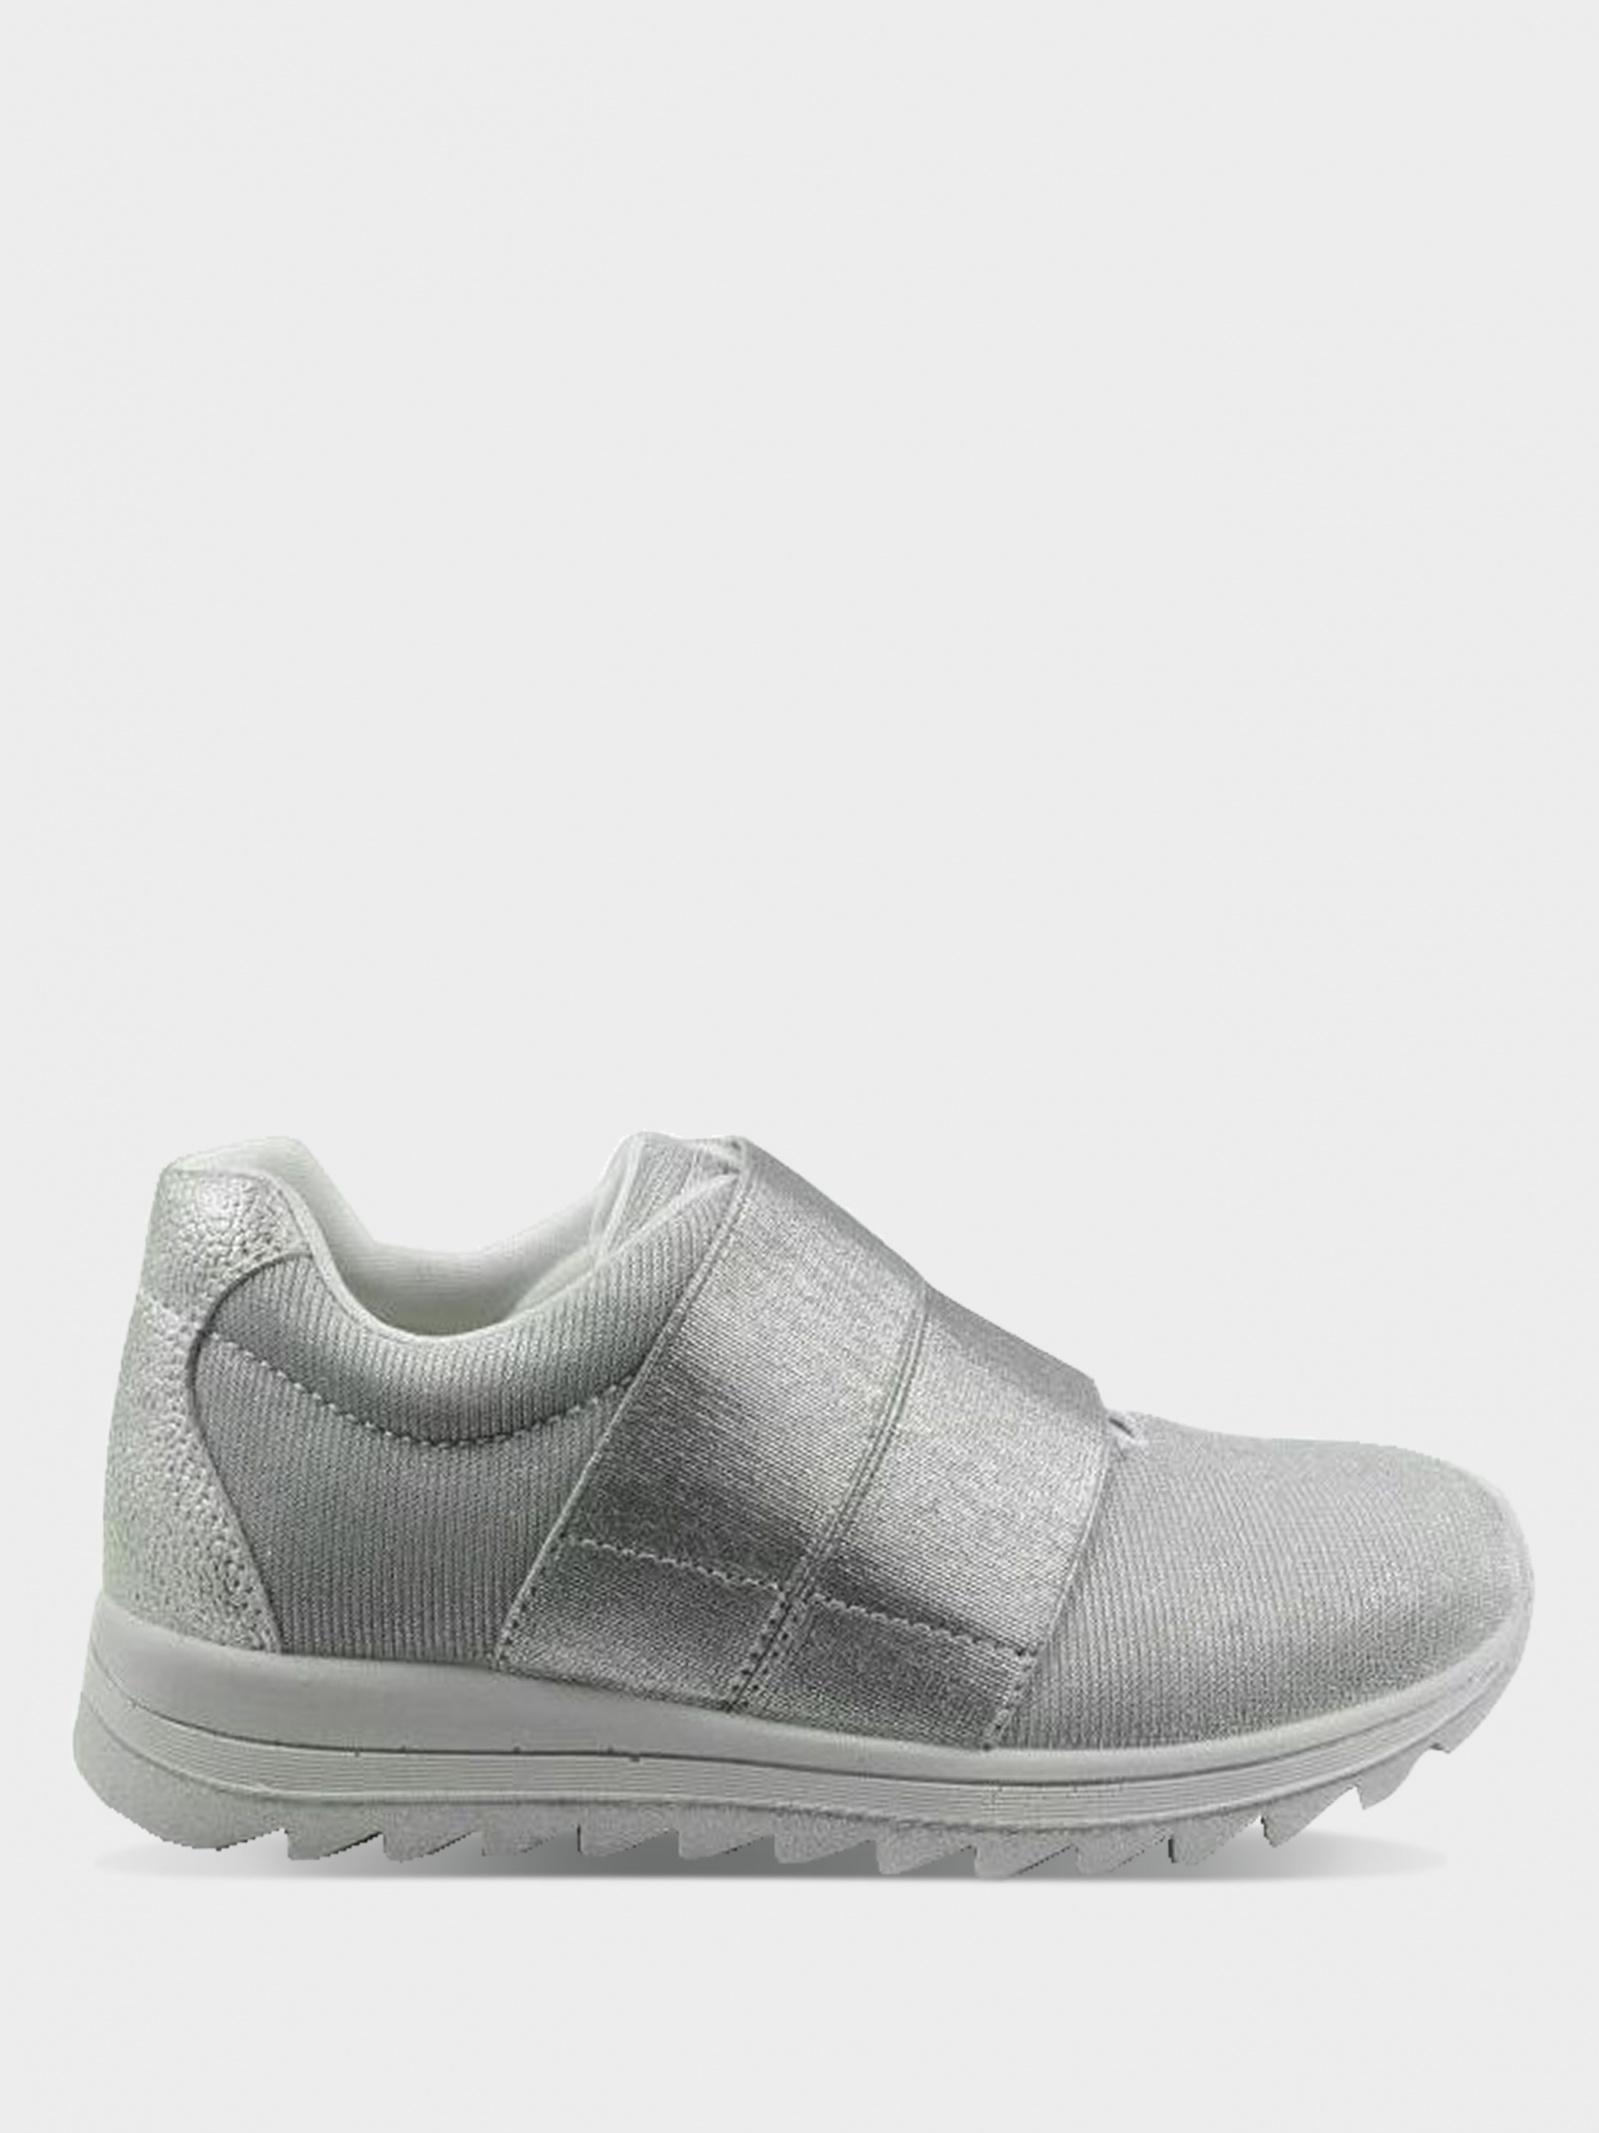 Кроссовки для детей IMAC TRILLY 1Z13 продажа, 2017